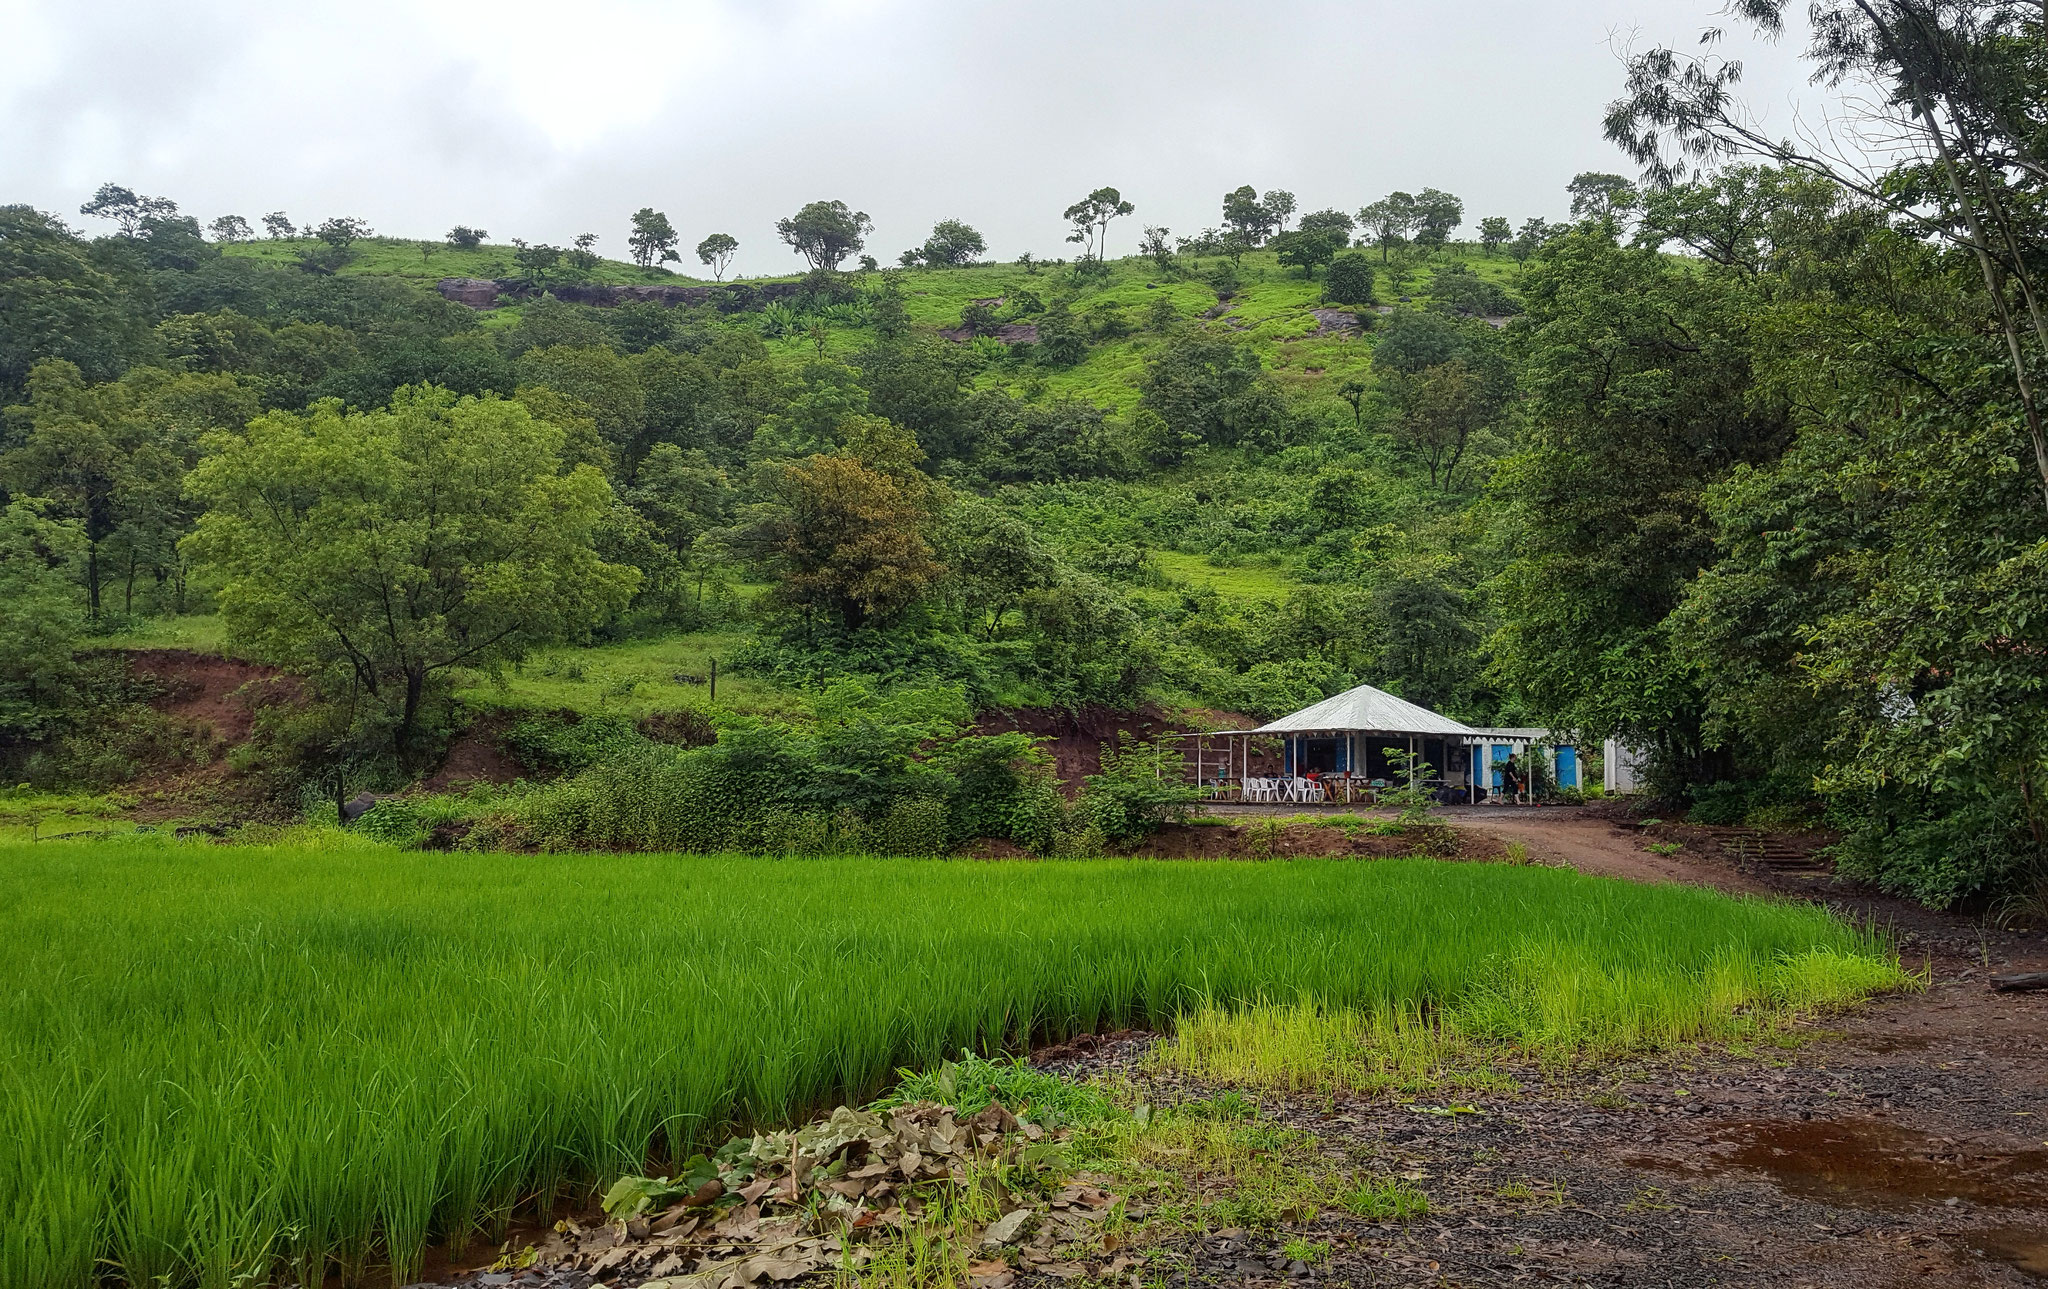 Campingplatz Deluxe zwischen Reisfeldern